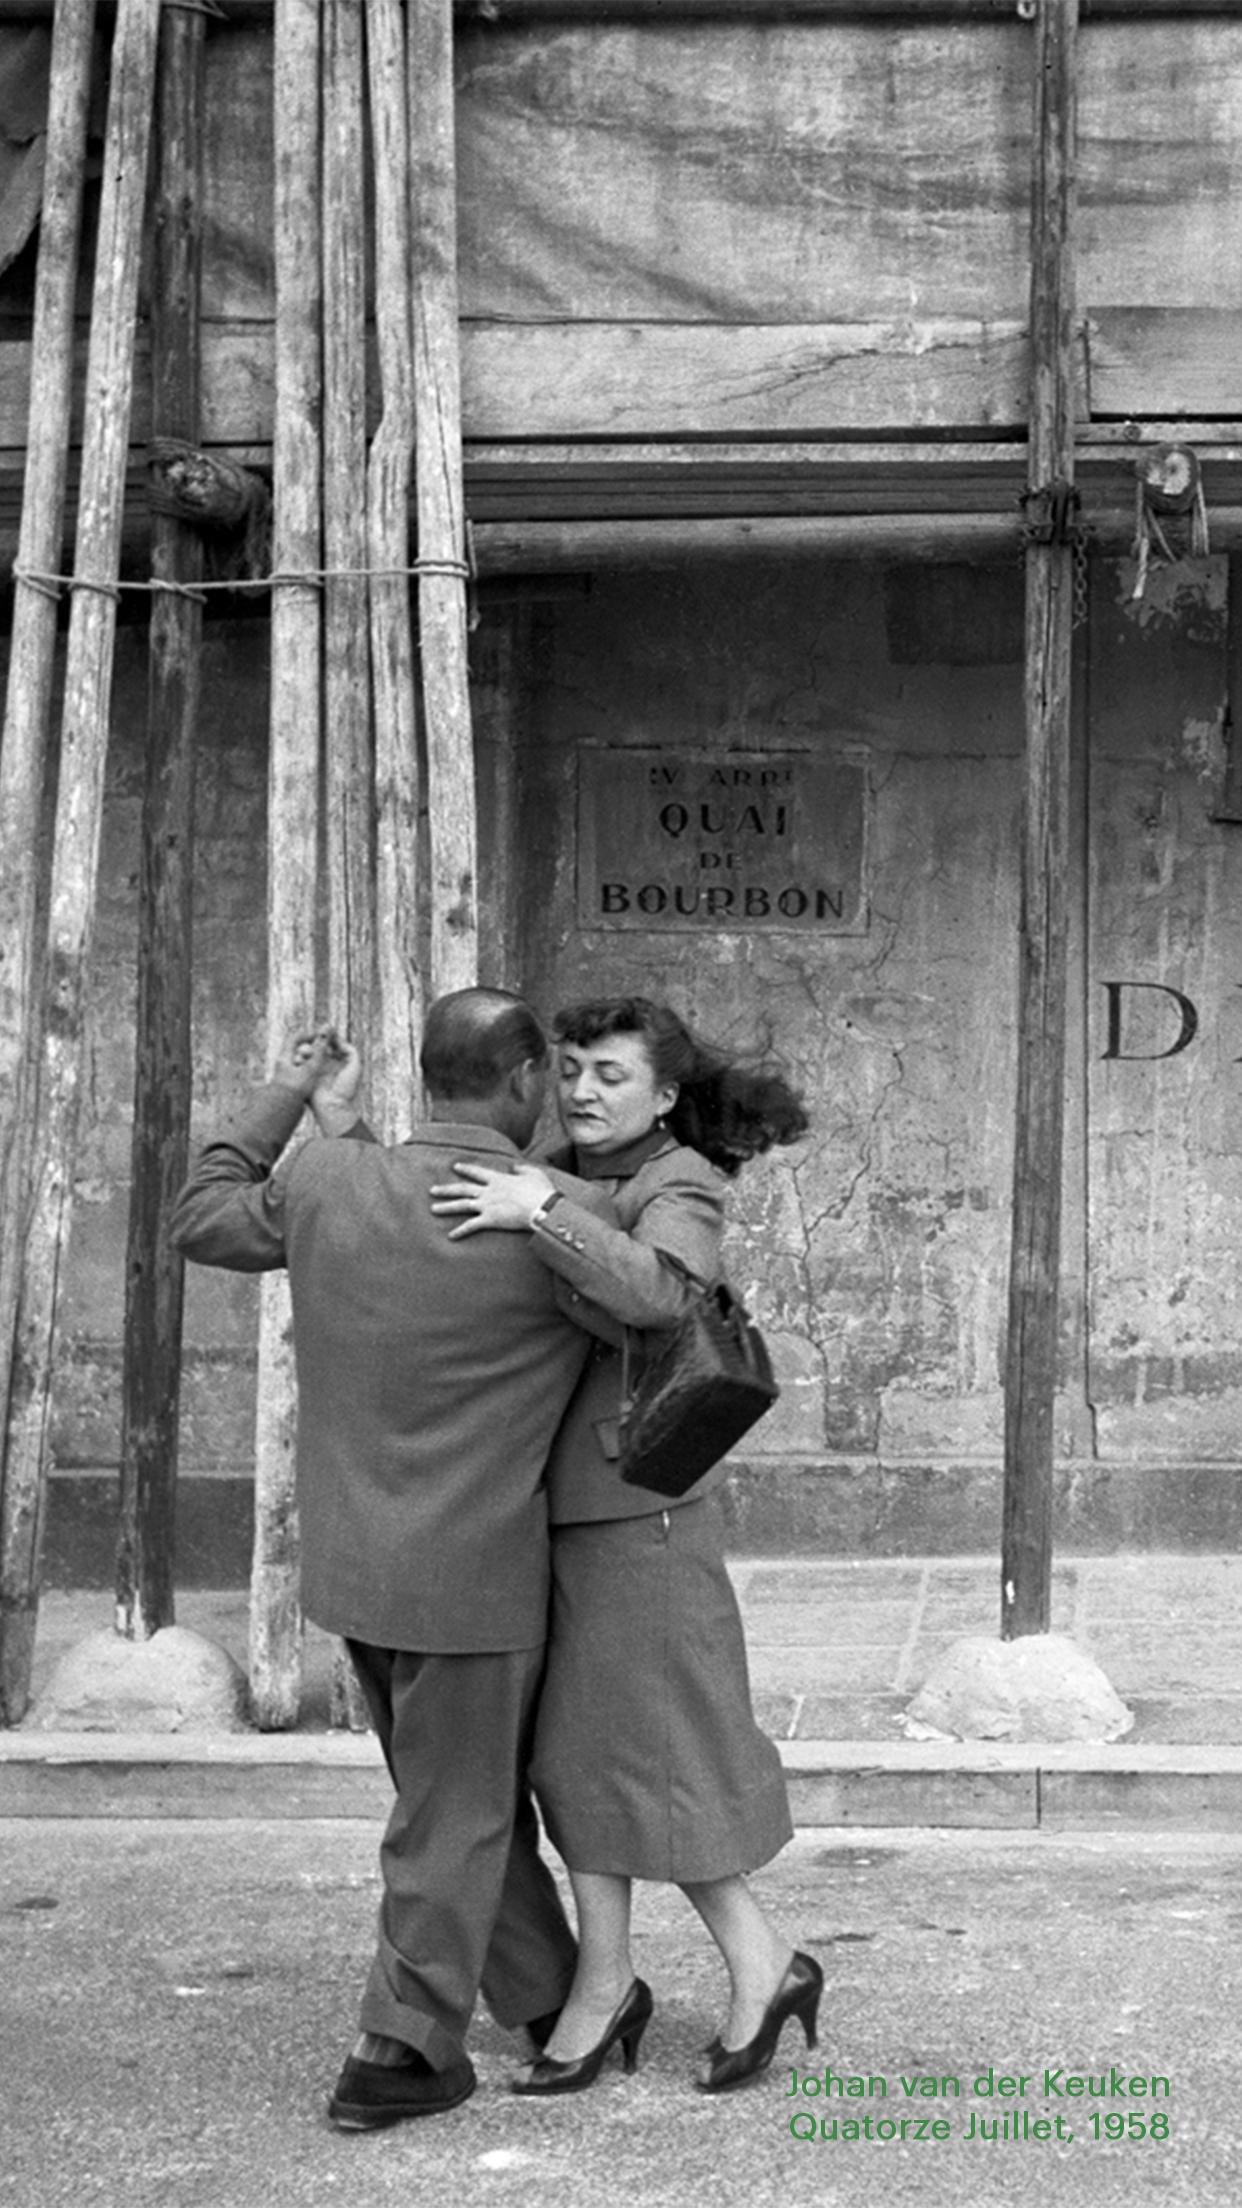 Johan van der Keuken's 1958 photograph Quatorze Juillet.